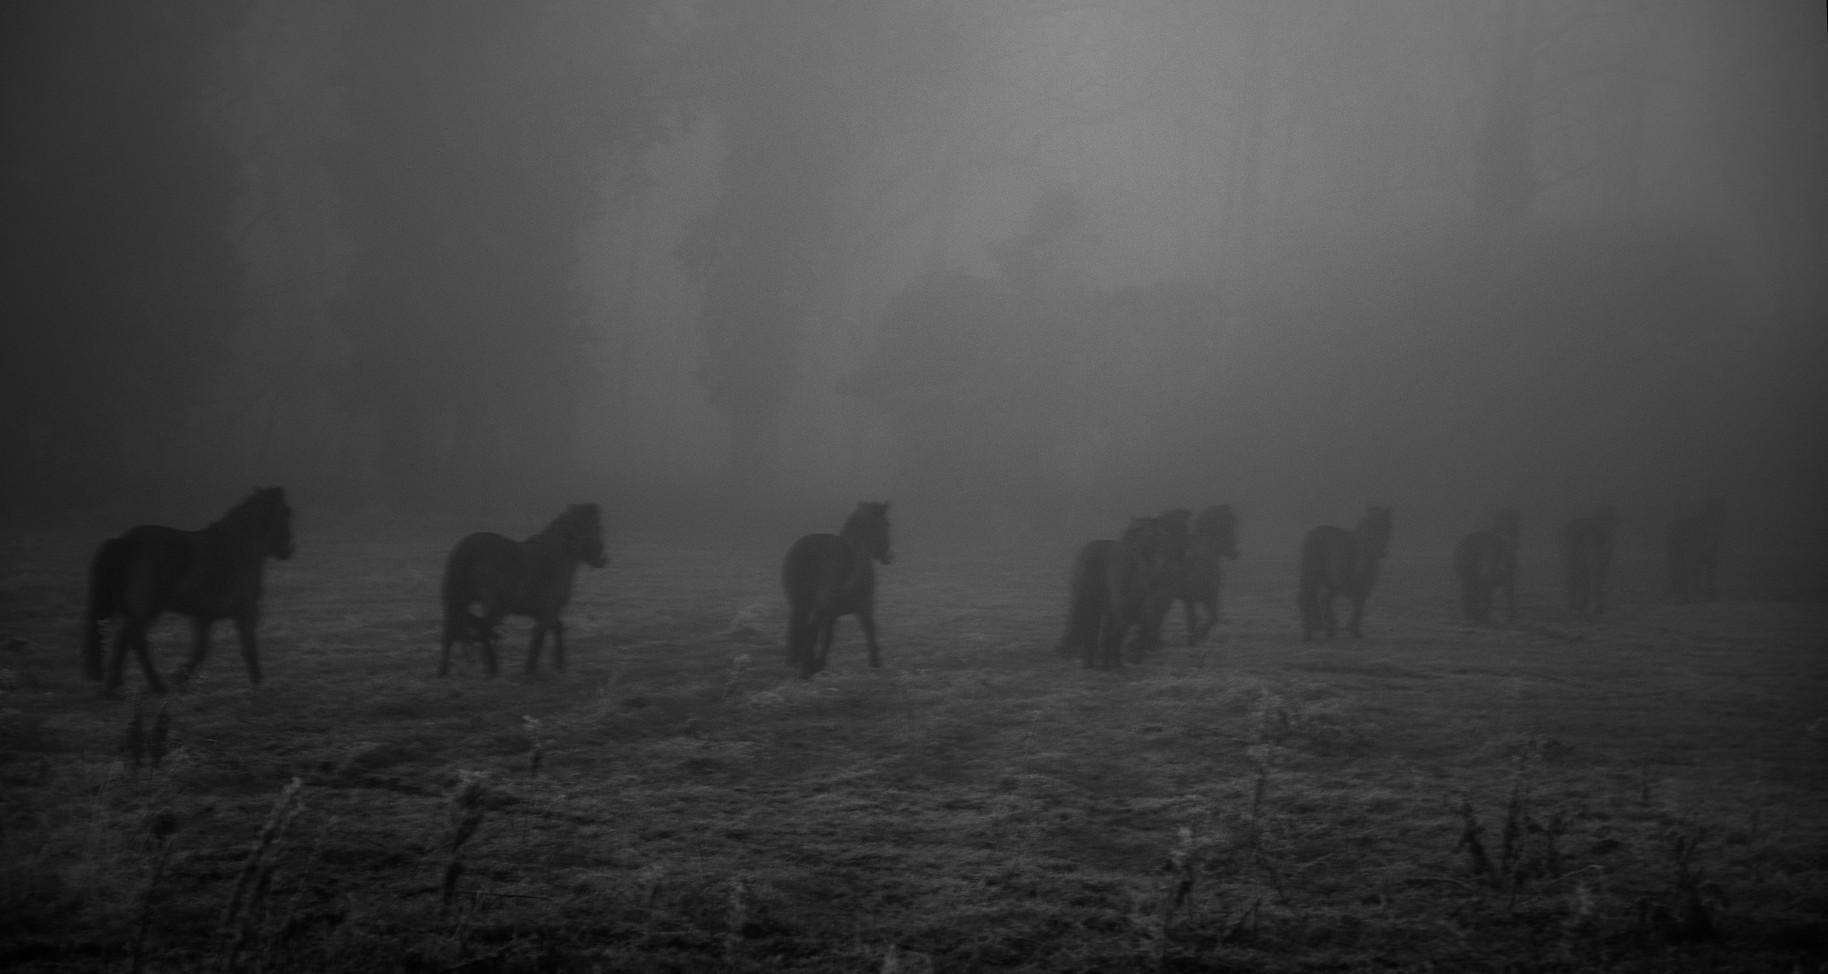 Exmoor Ponies in Mist